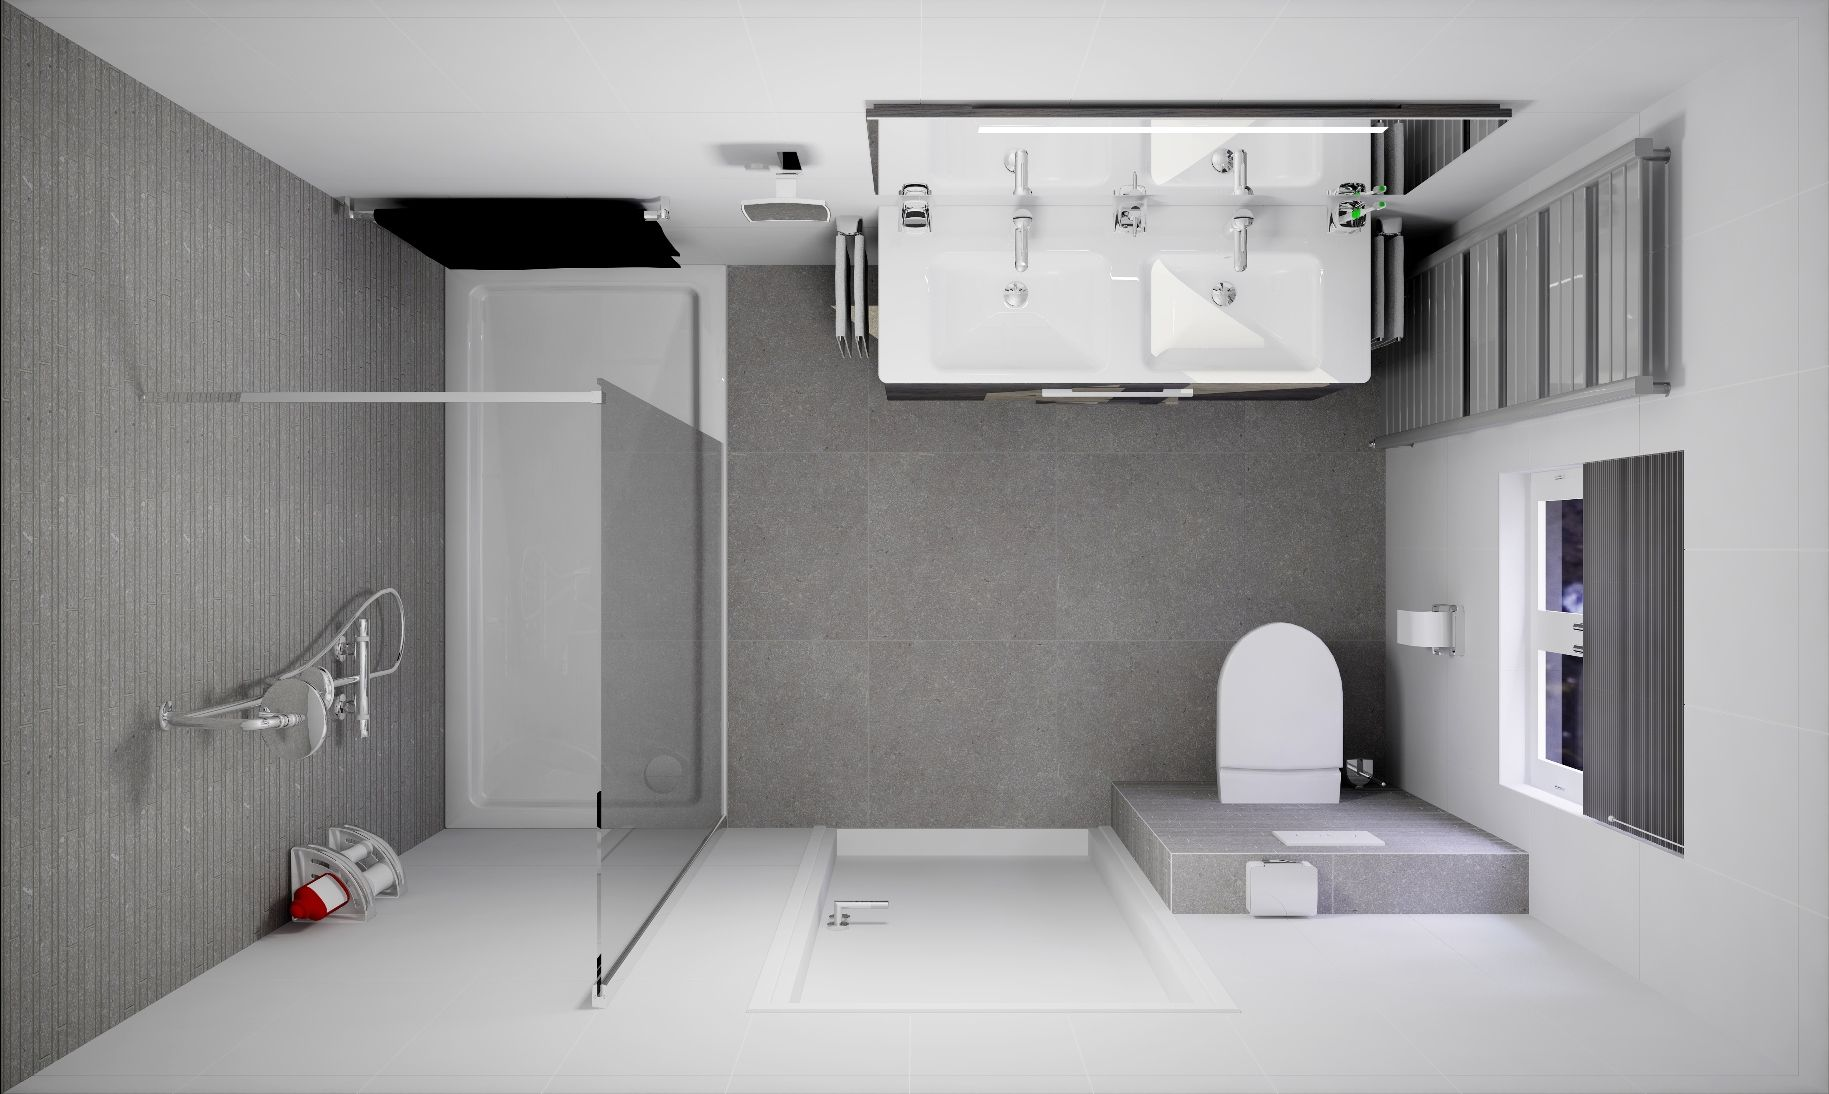 badkamer ontwerpen van sani bouw vraag een gratis 3d ontwerp met 360 view